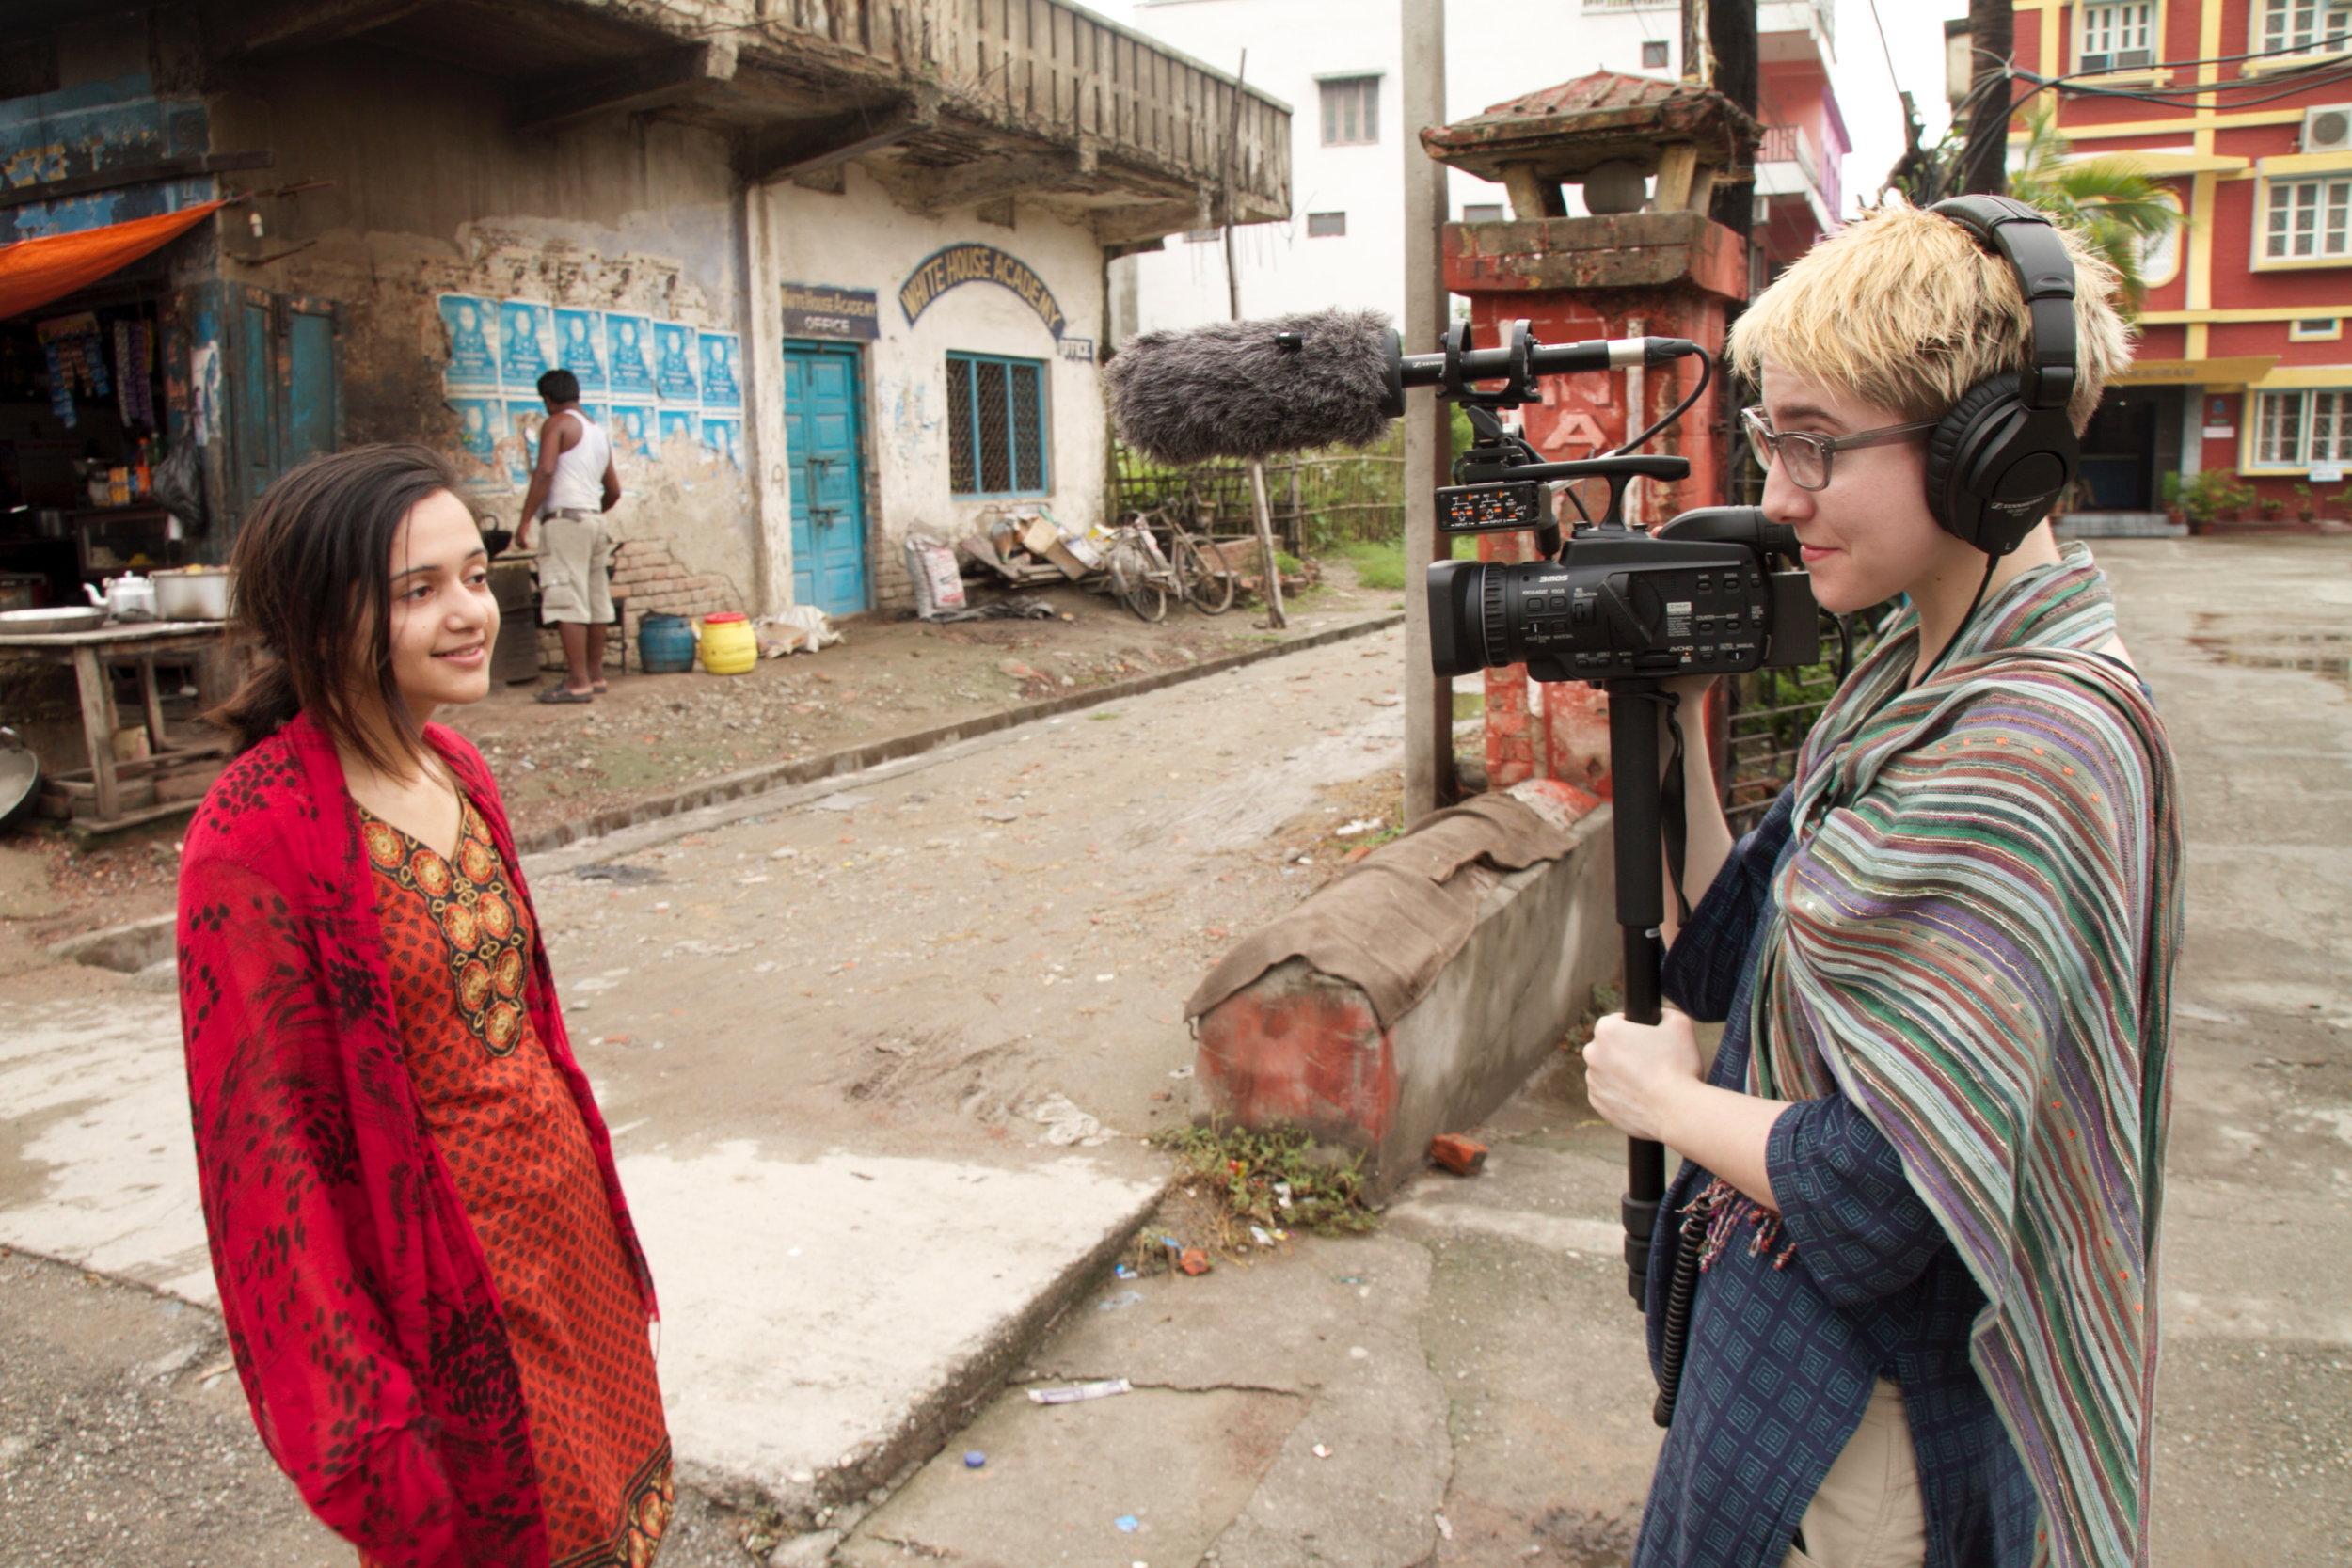 Slater Jewell-Kemker filming her documentary